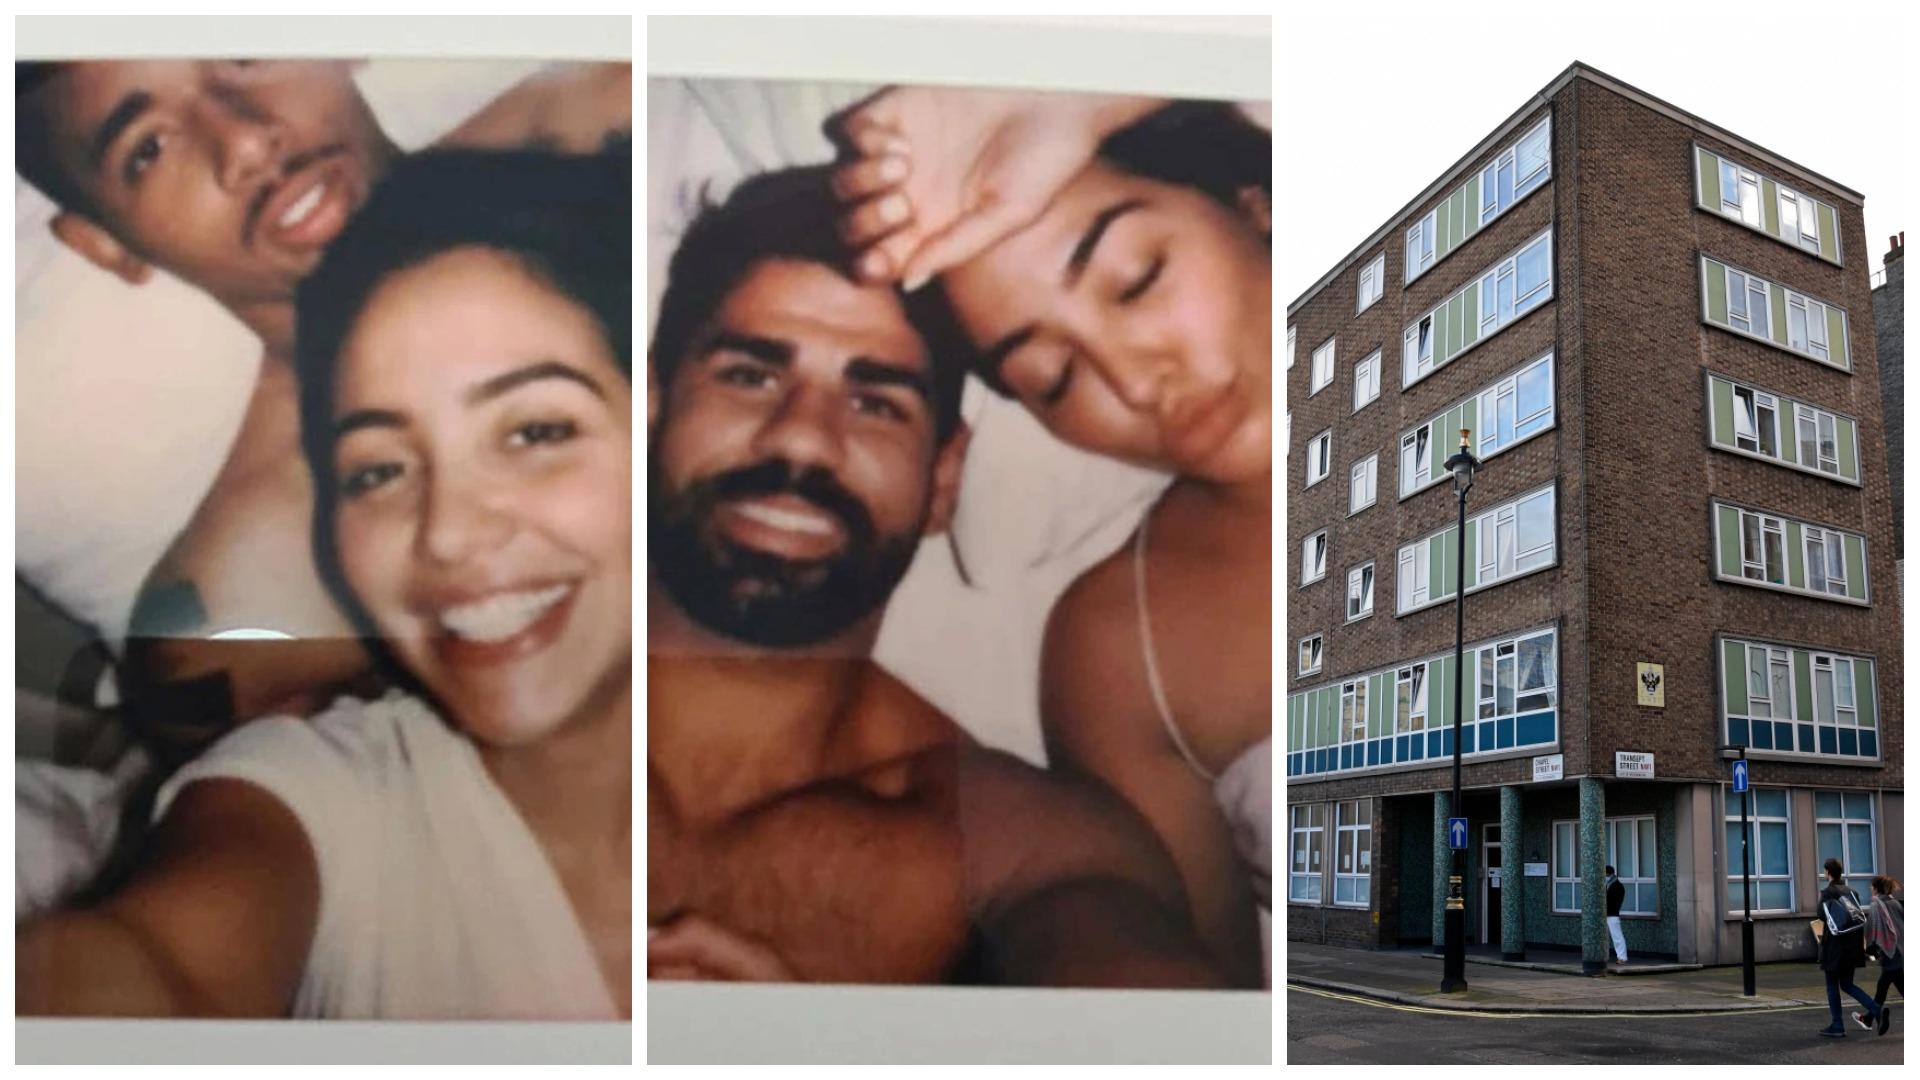 Foto të gjetura mes Biblës, Costa dhe Jesus në shtrat me të njëjtën vajzë